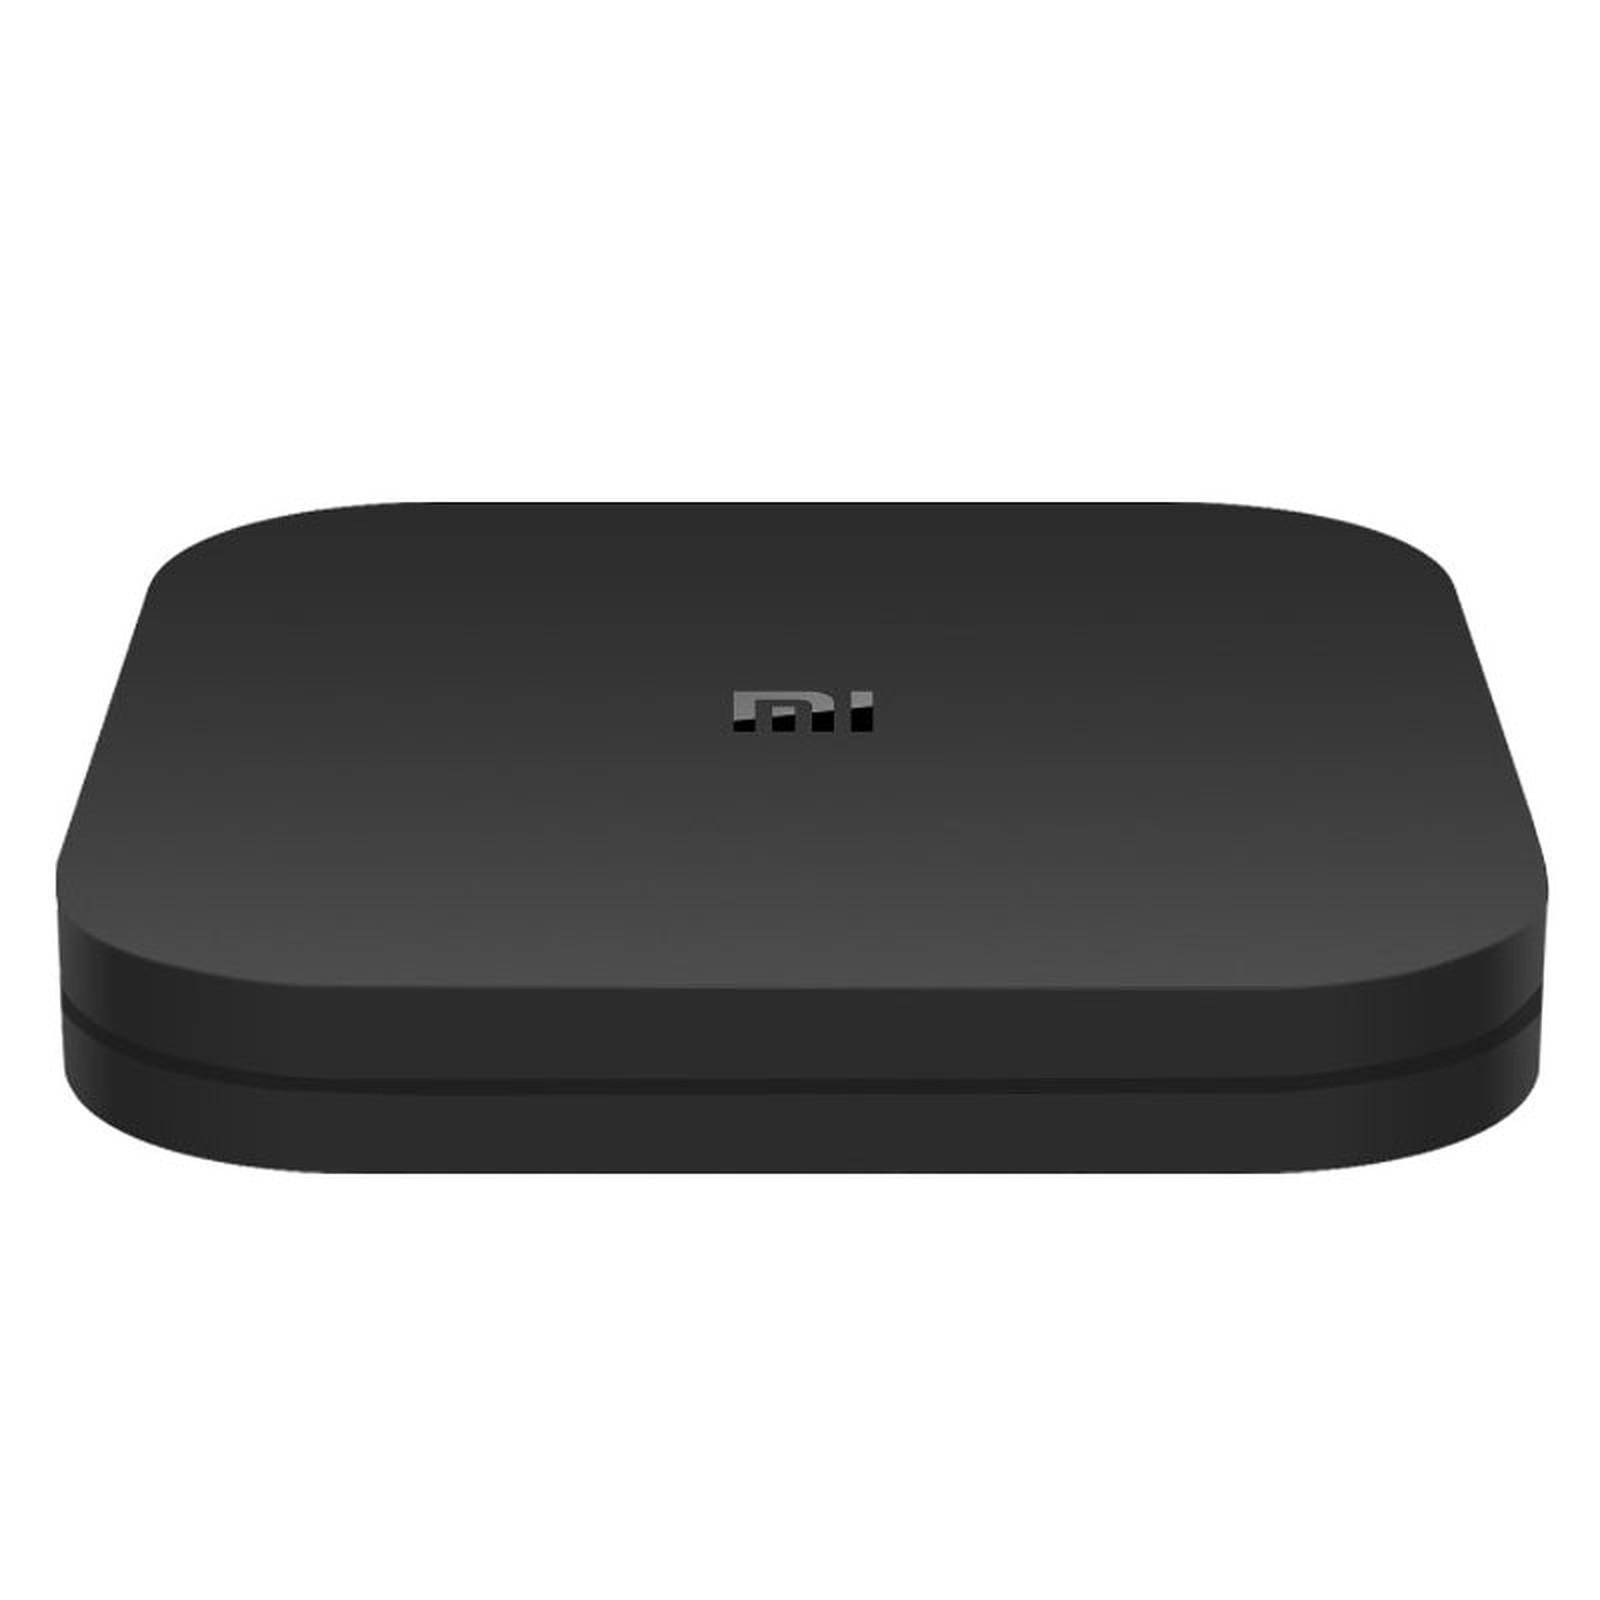 Xiaomi Mi Box S - version européenne